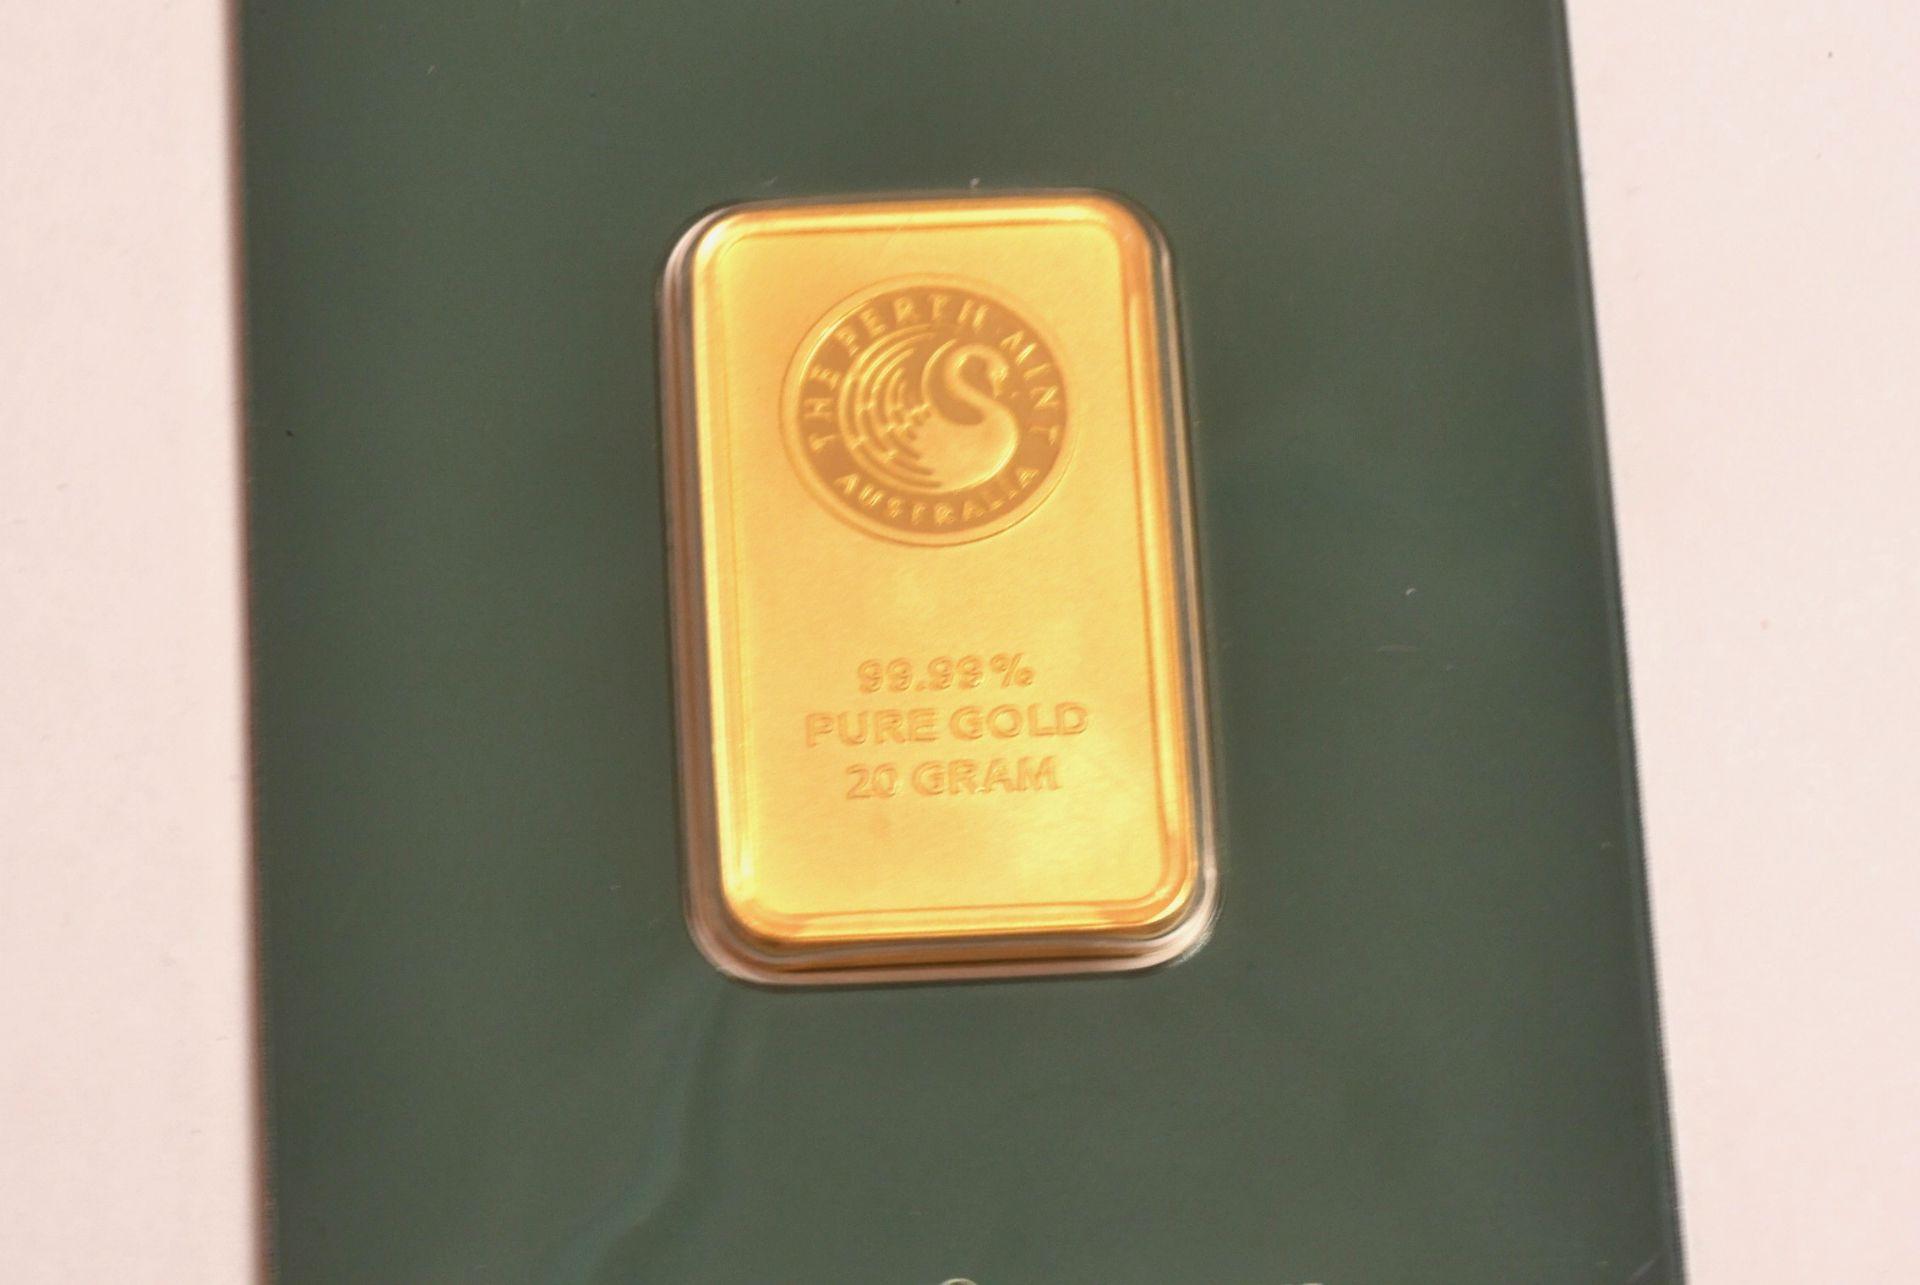 Goldbarren 20 Gramm - Bild 4 aus 4